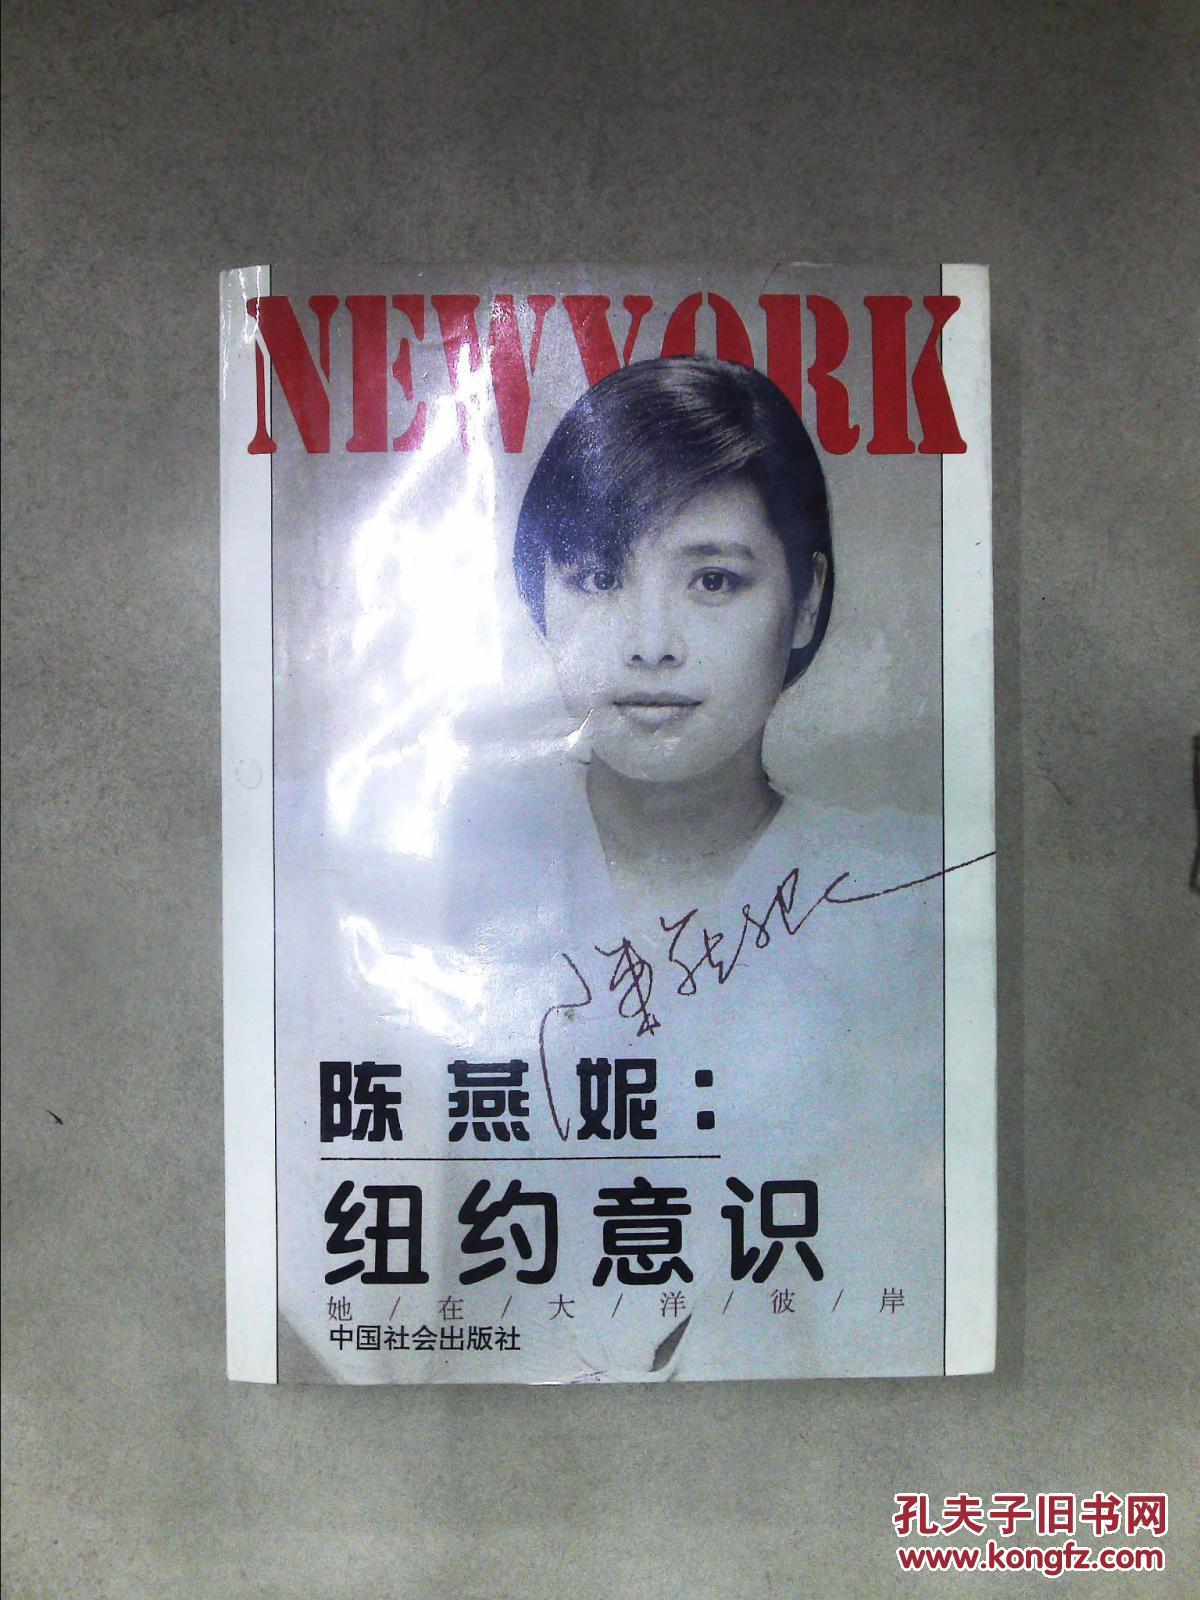 【图】陈燕妮:纽约意识--她在大洋彼岸_中国社